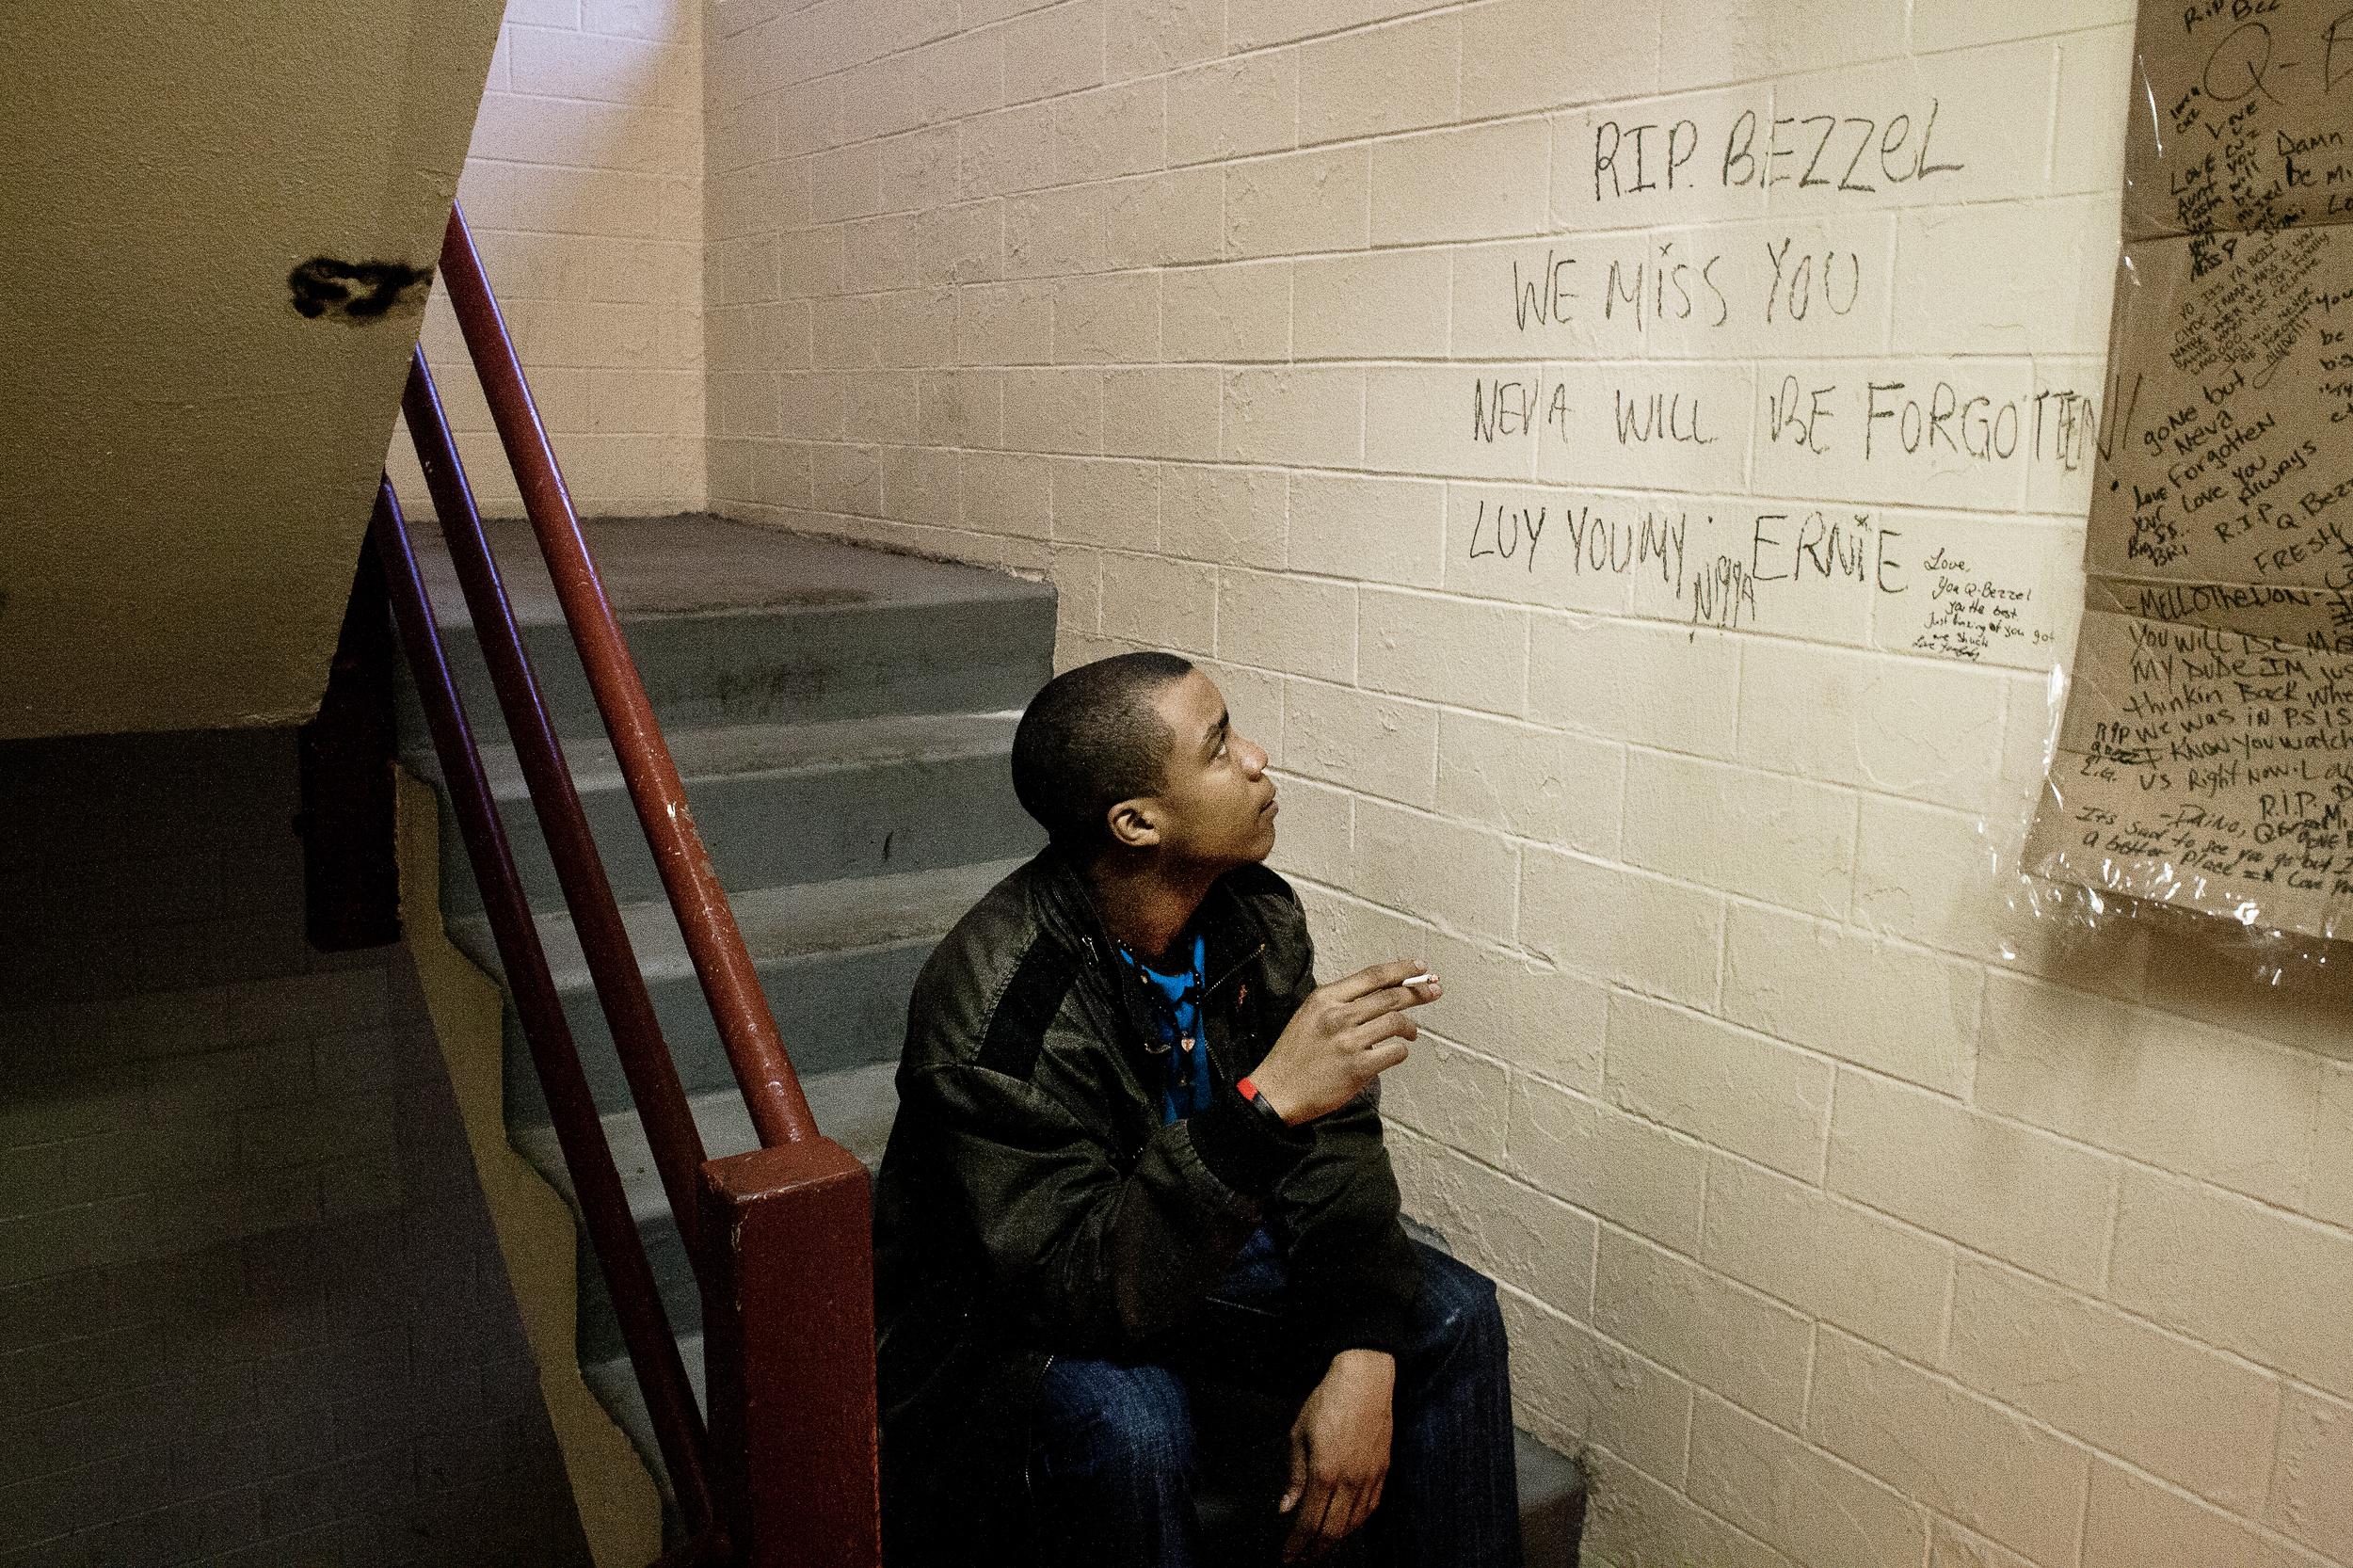 RIP Bezzel, 2011.